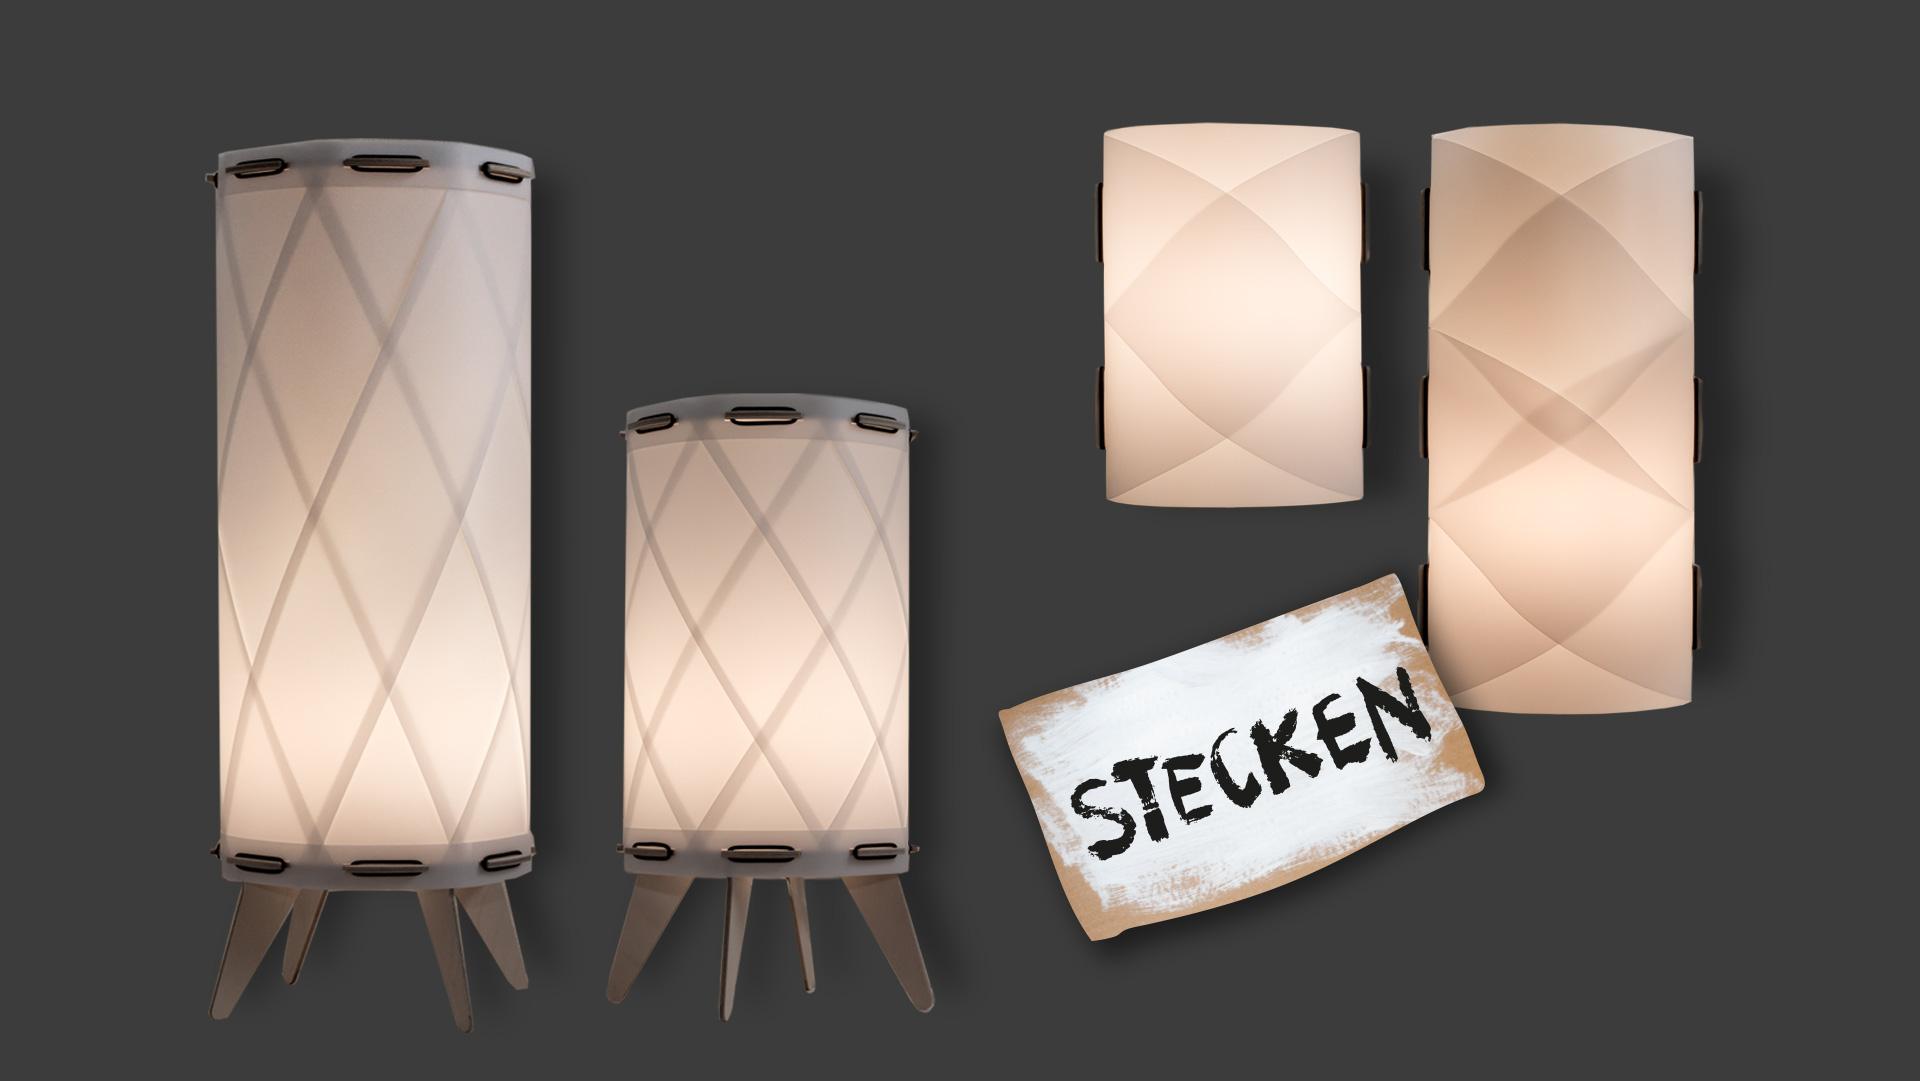 """Ornamentlampen der bei Werkhaus vertriebenen Lampenserie mit einem Pappschild, auf dem in Großbuchstaben das Wort """"Stecken"""" steht"""